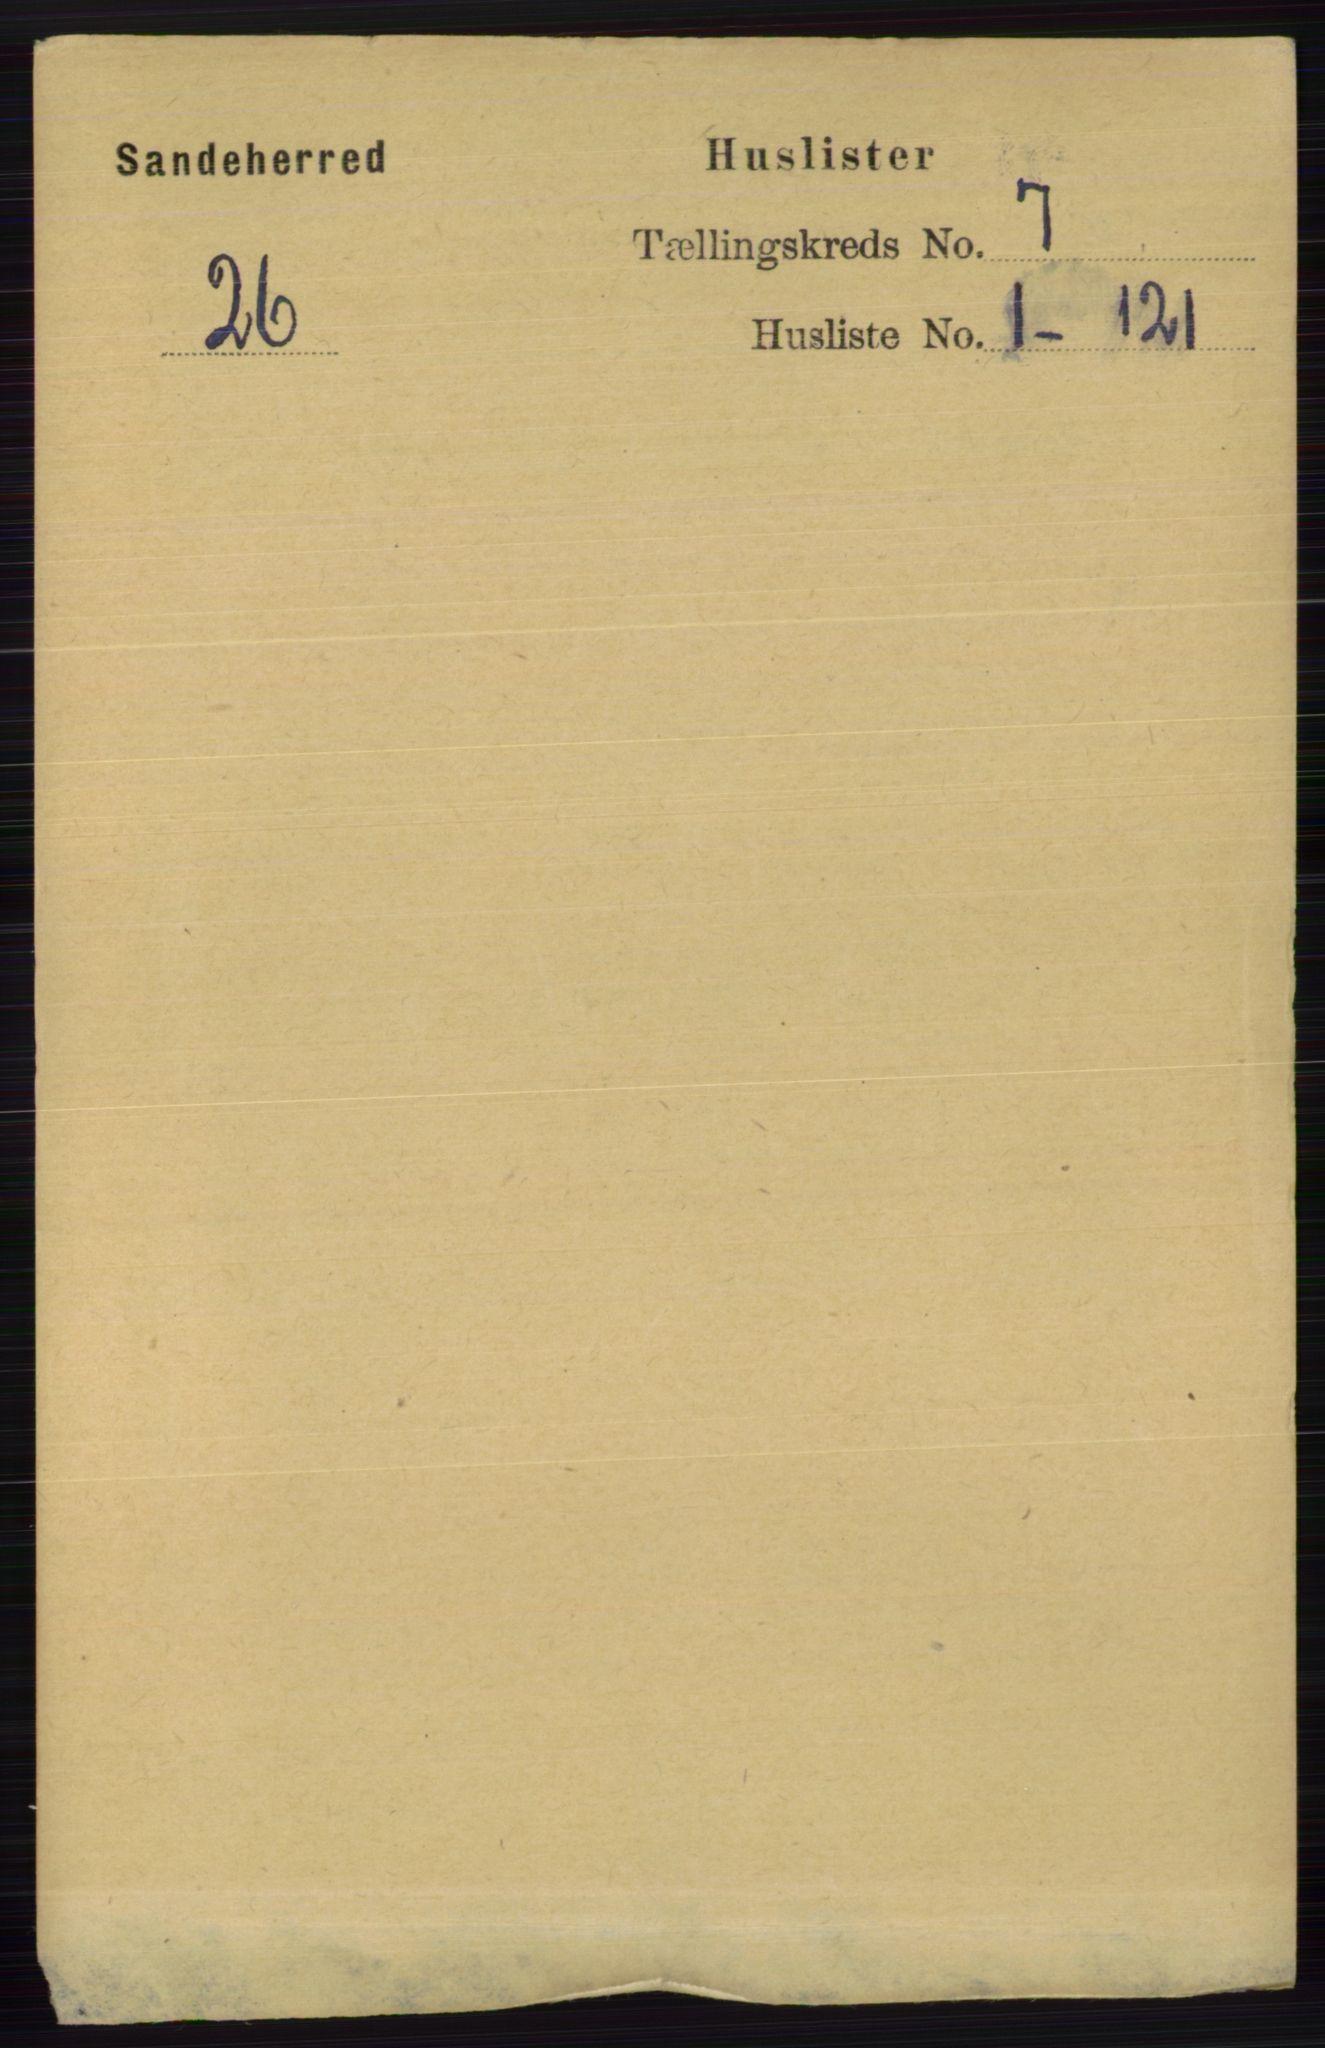 RA, Folketelling 1891 for 0724 Sandeherred herred, 1891, s. 3971